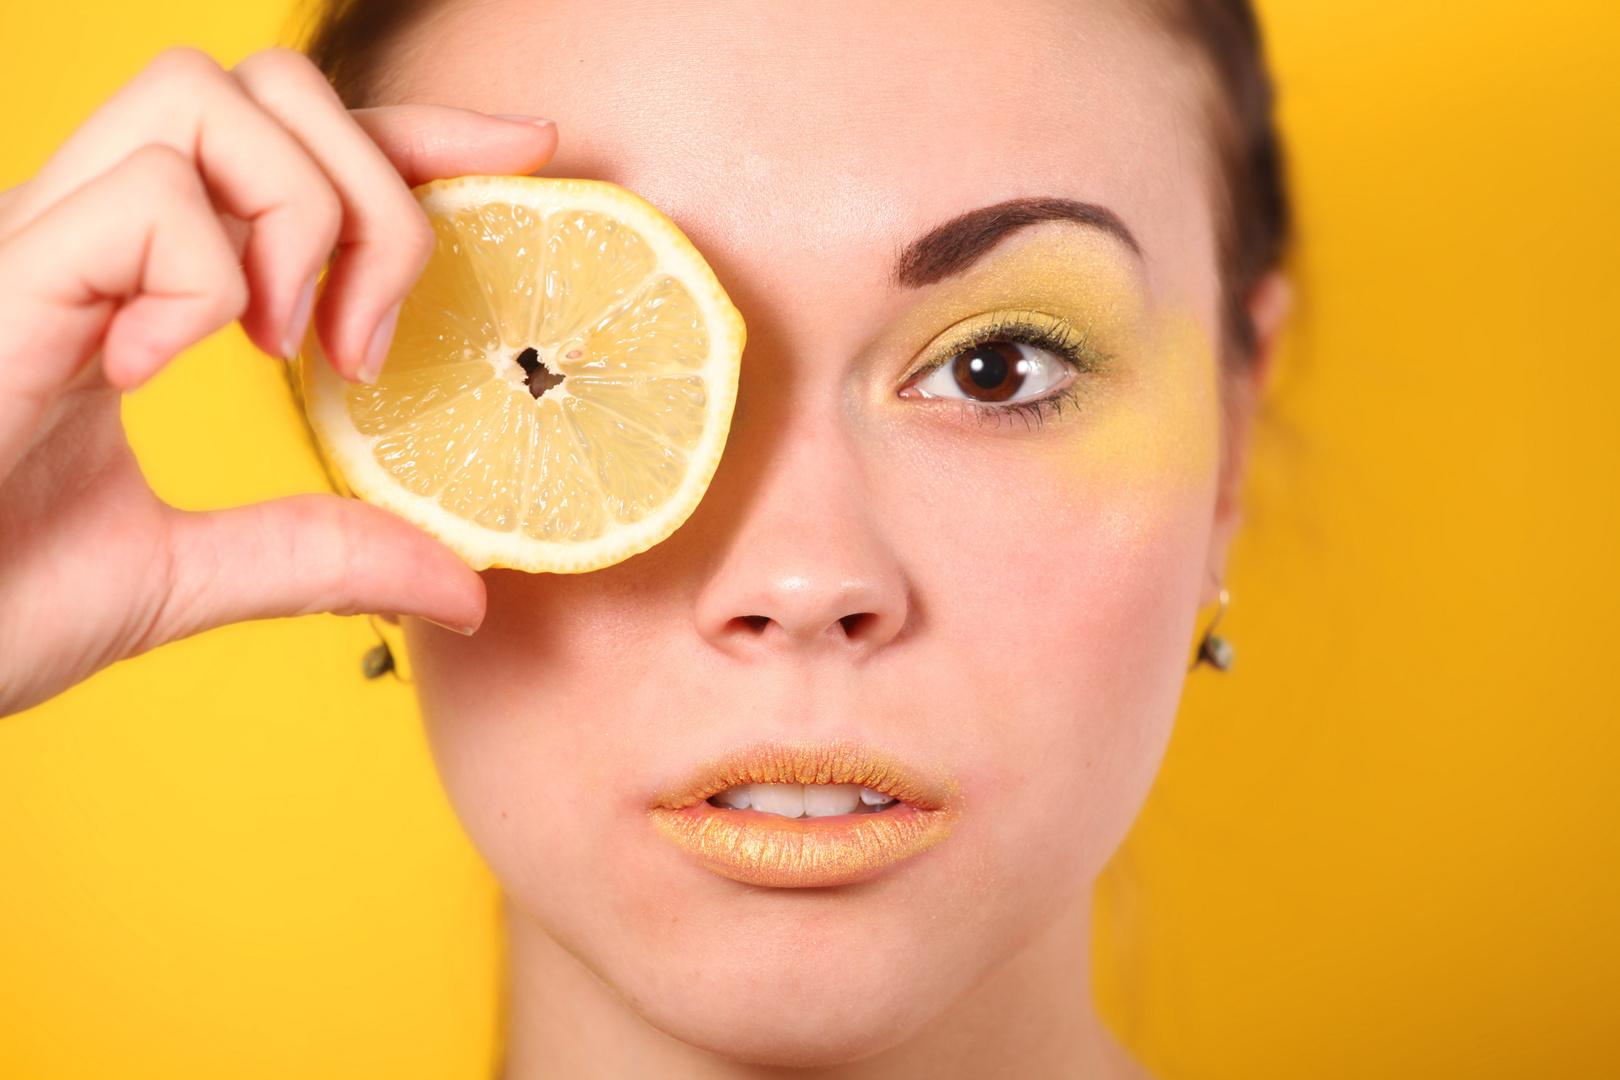 Zitronenmädchen